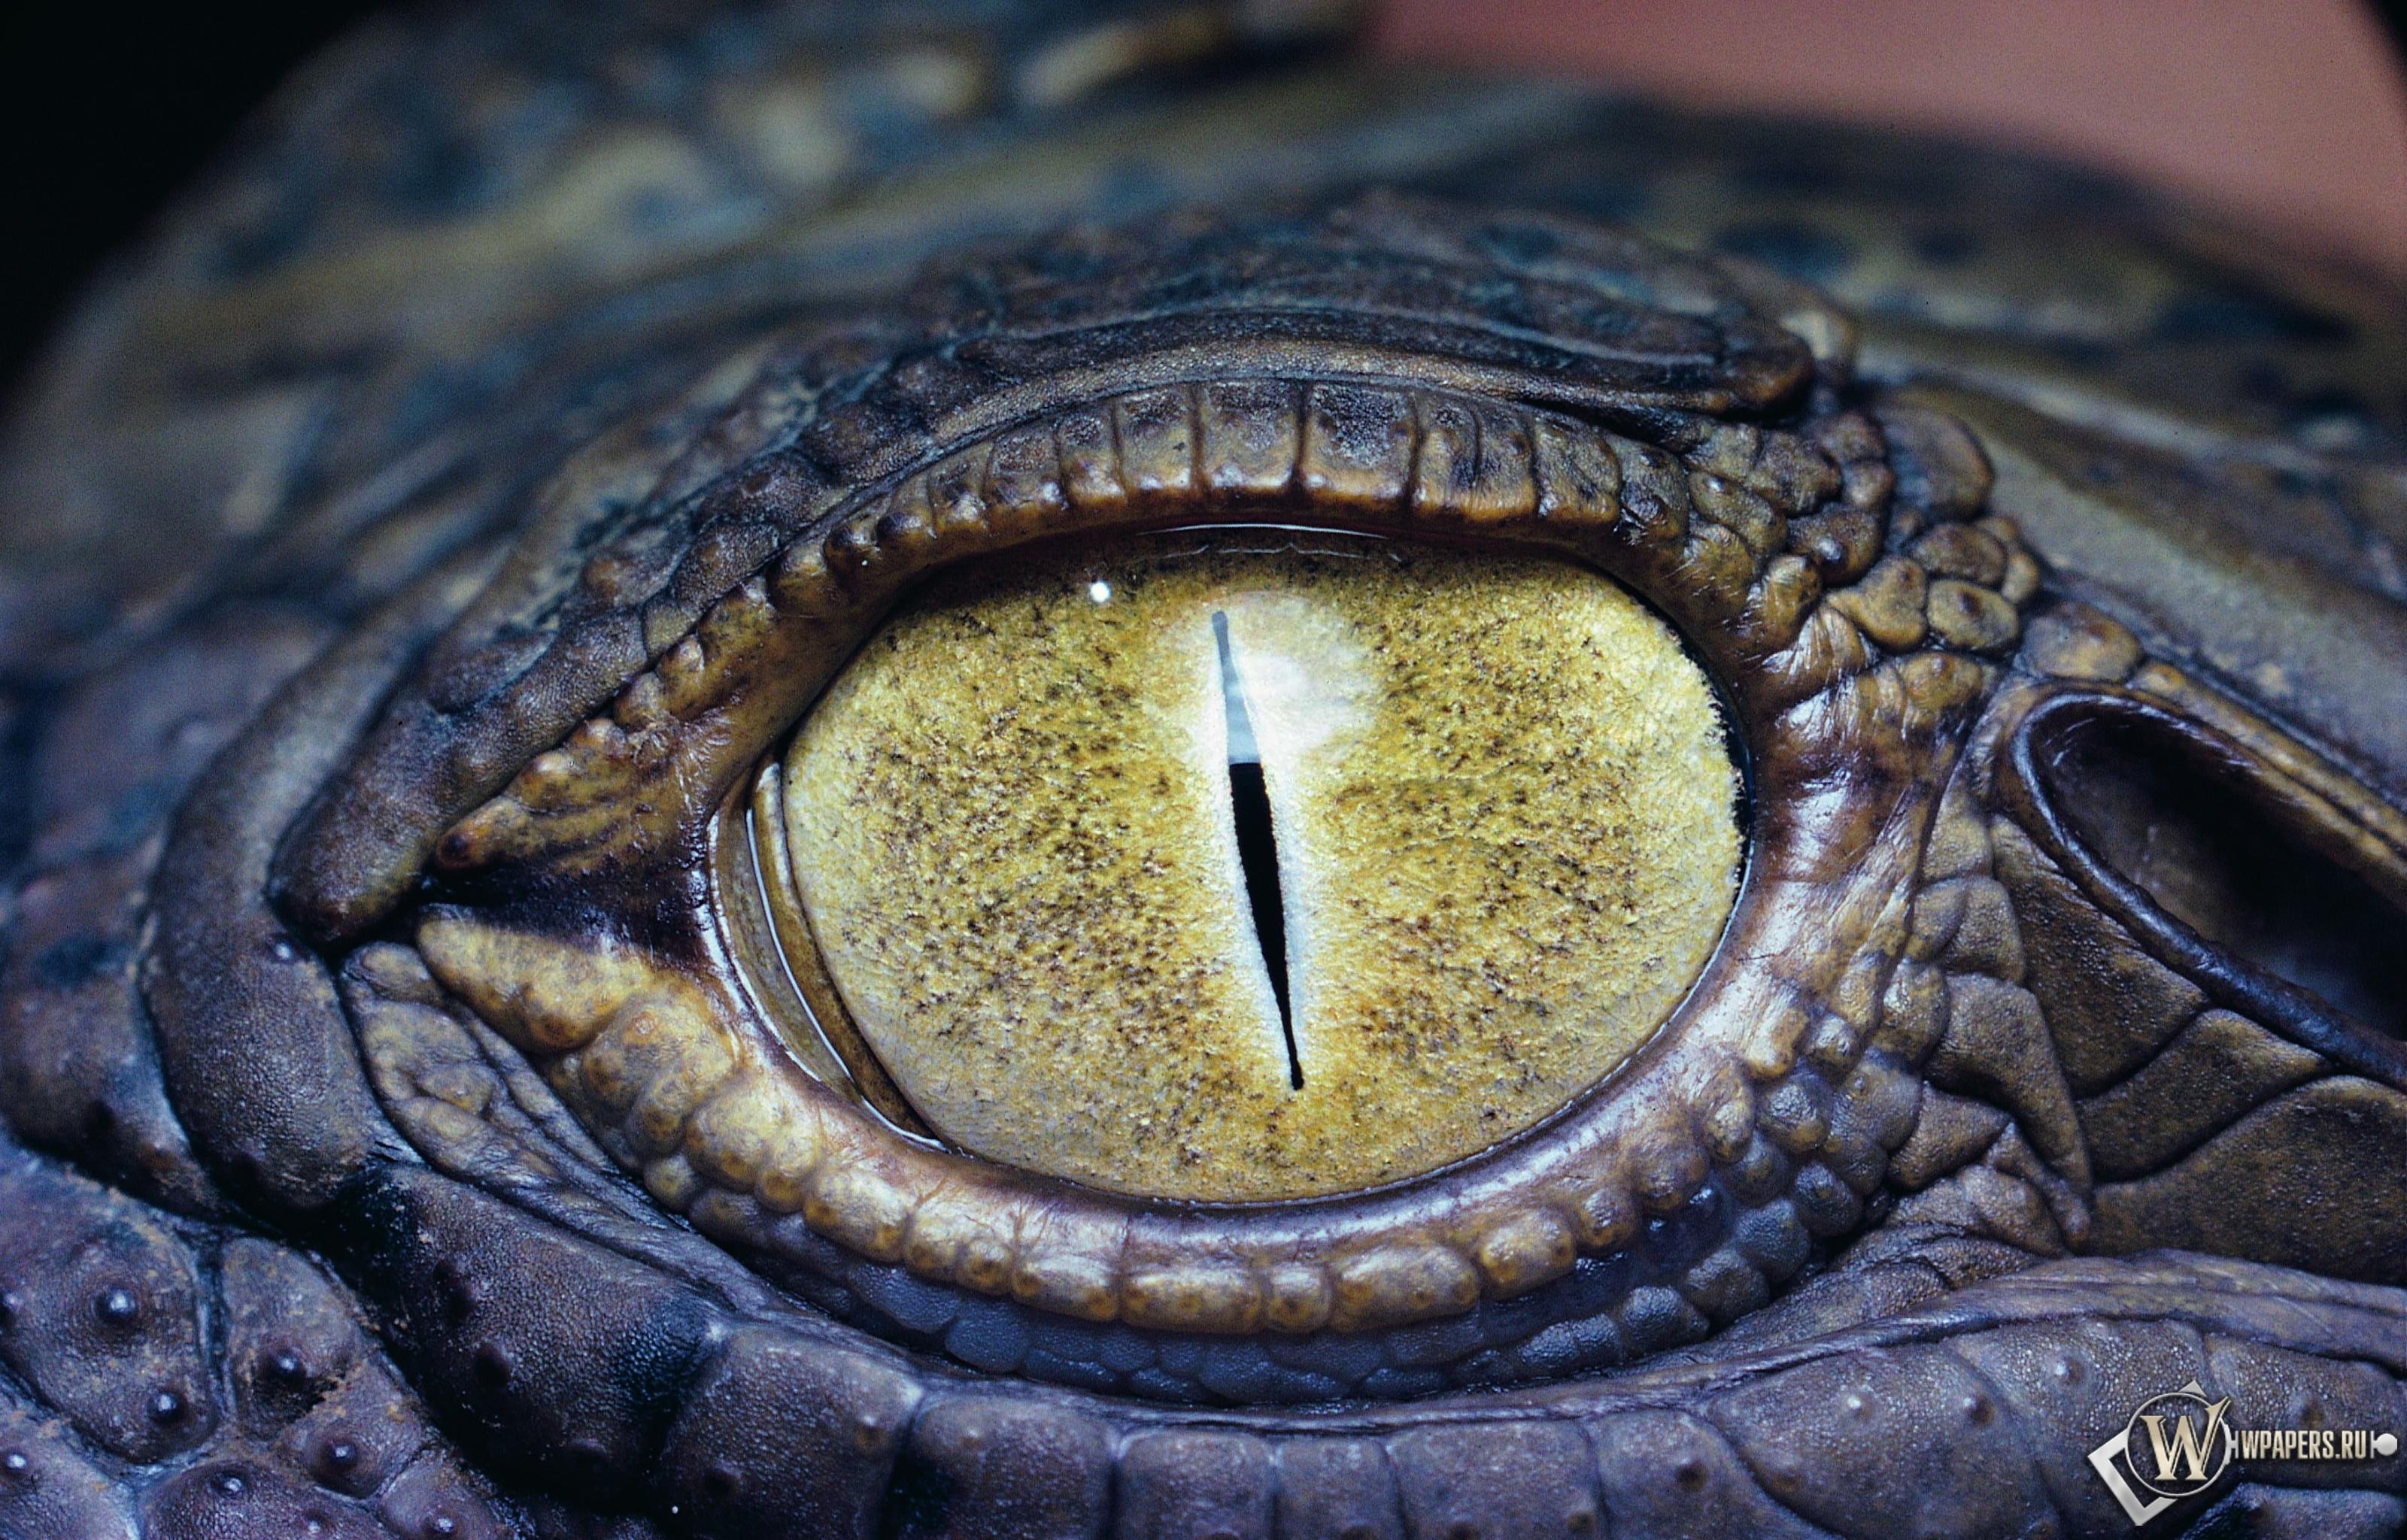 Глаз крокодила 3200x2048